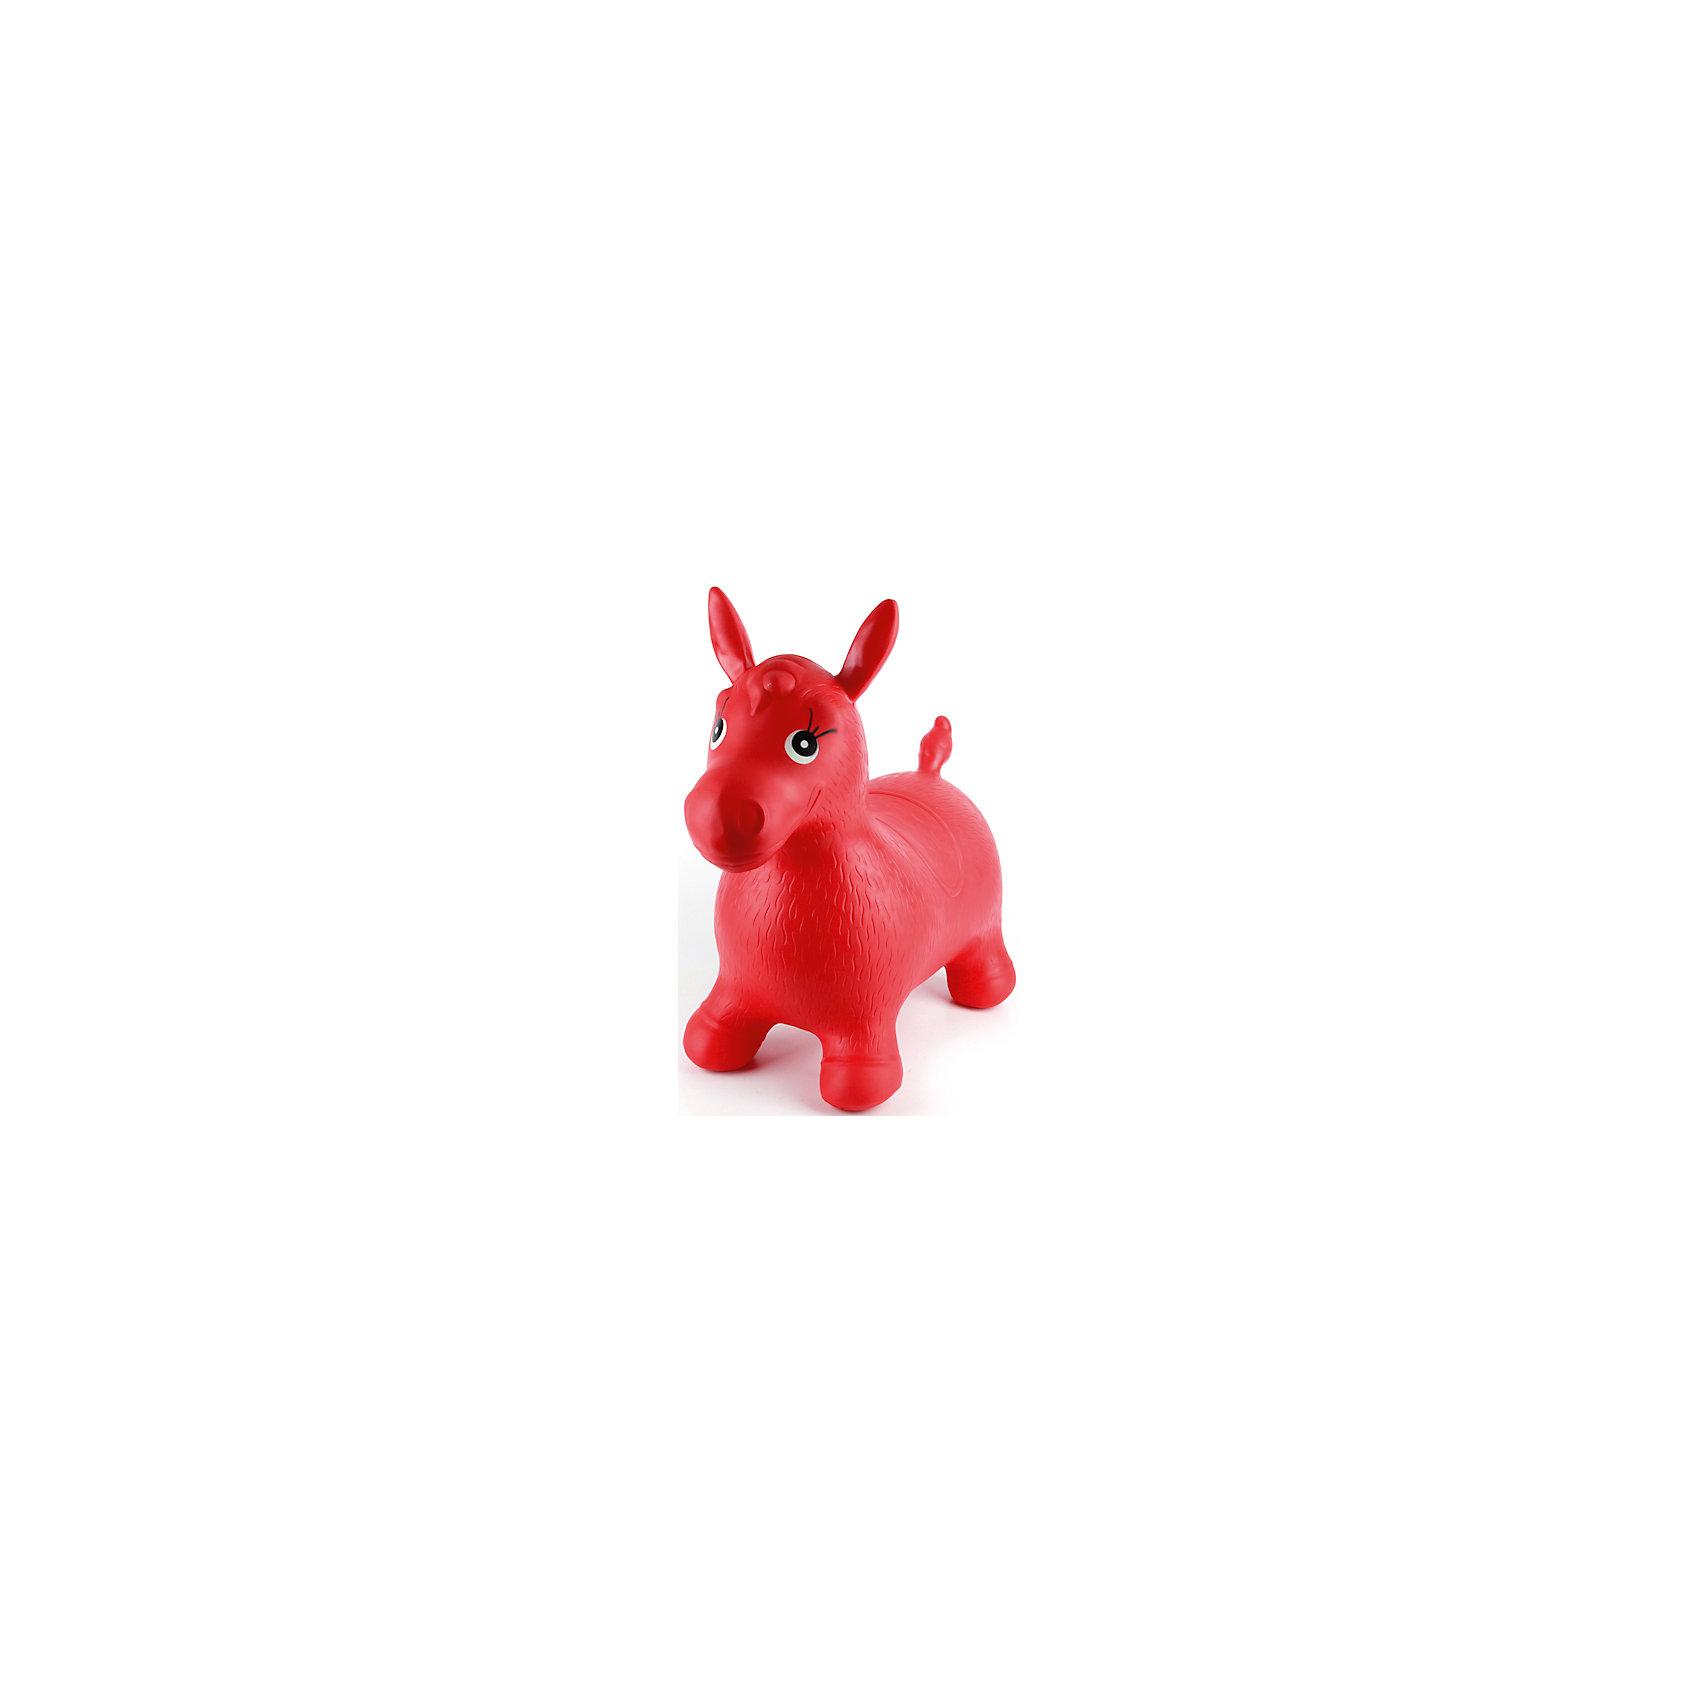 Надувное животное Лошадь, Играем вместеПрыгуны и джамперы<br>Надувная игрушка в виде яркой лошадки обязательно понравится малышам. Она идеально подходит для активных игр дома или на свежем воздухе. Игрушка выполнена из высококачественной нетоксичной и прочной резины, ребенку понравится прыгать на ней, держась за рога. Кроме того, яркая лошадка умеет плавать и с удовольствием составит компанию малышам в бассейне, в море или в речке! <br><br>Дополнительная информация:<br><br>- Материал: резина.<br>- Размер: 55х35х40 см.<br>- Максимальный вес ребенка: 25 кг. <br>- Цвет в ассортименте.<br>ВНИМАНИЕ! Данный артикул представлен в разных цветовых вариантах. К сожалению, заранее выбрать определенный вариант невозможно. При заказе нескольких игрушек возможно получение одинаковых.<br><br>Надувное животное Лошадь, Играем вместе, в ассортименте, можно купить в нашем магазине.<br><br>Ширина мм: 570<br>Глубина мм: 390<br>Высота мм: 390<br>Вес г: 1360<br>Возраст от месяцев: 36<br>Возраст до месяцев: 96<br>Пол: Унисекс<br>Возраст: Детский<br>SKU: 4616877